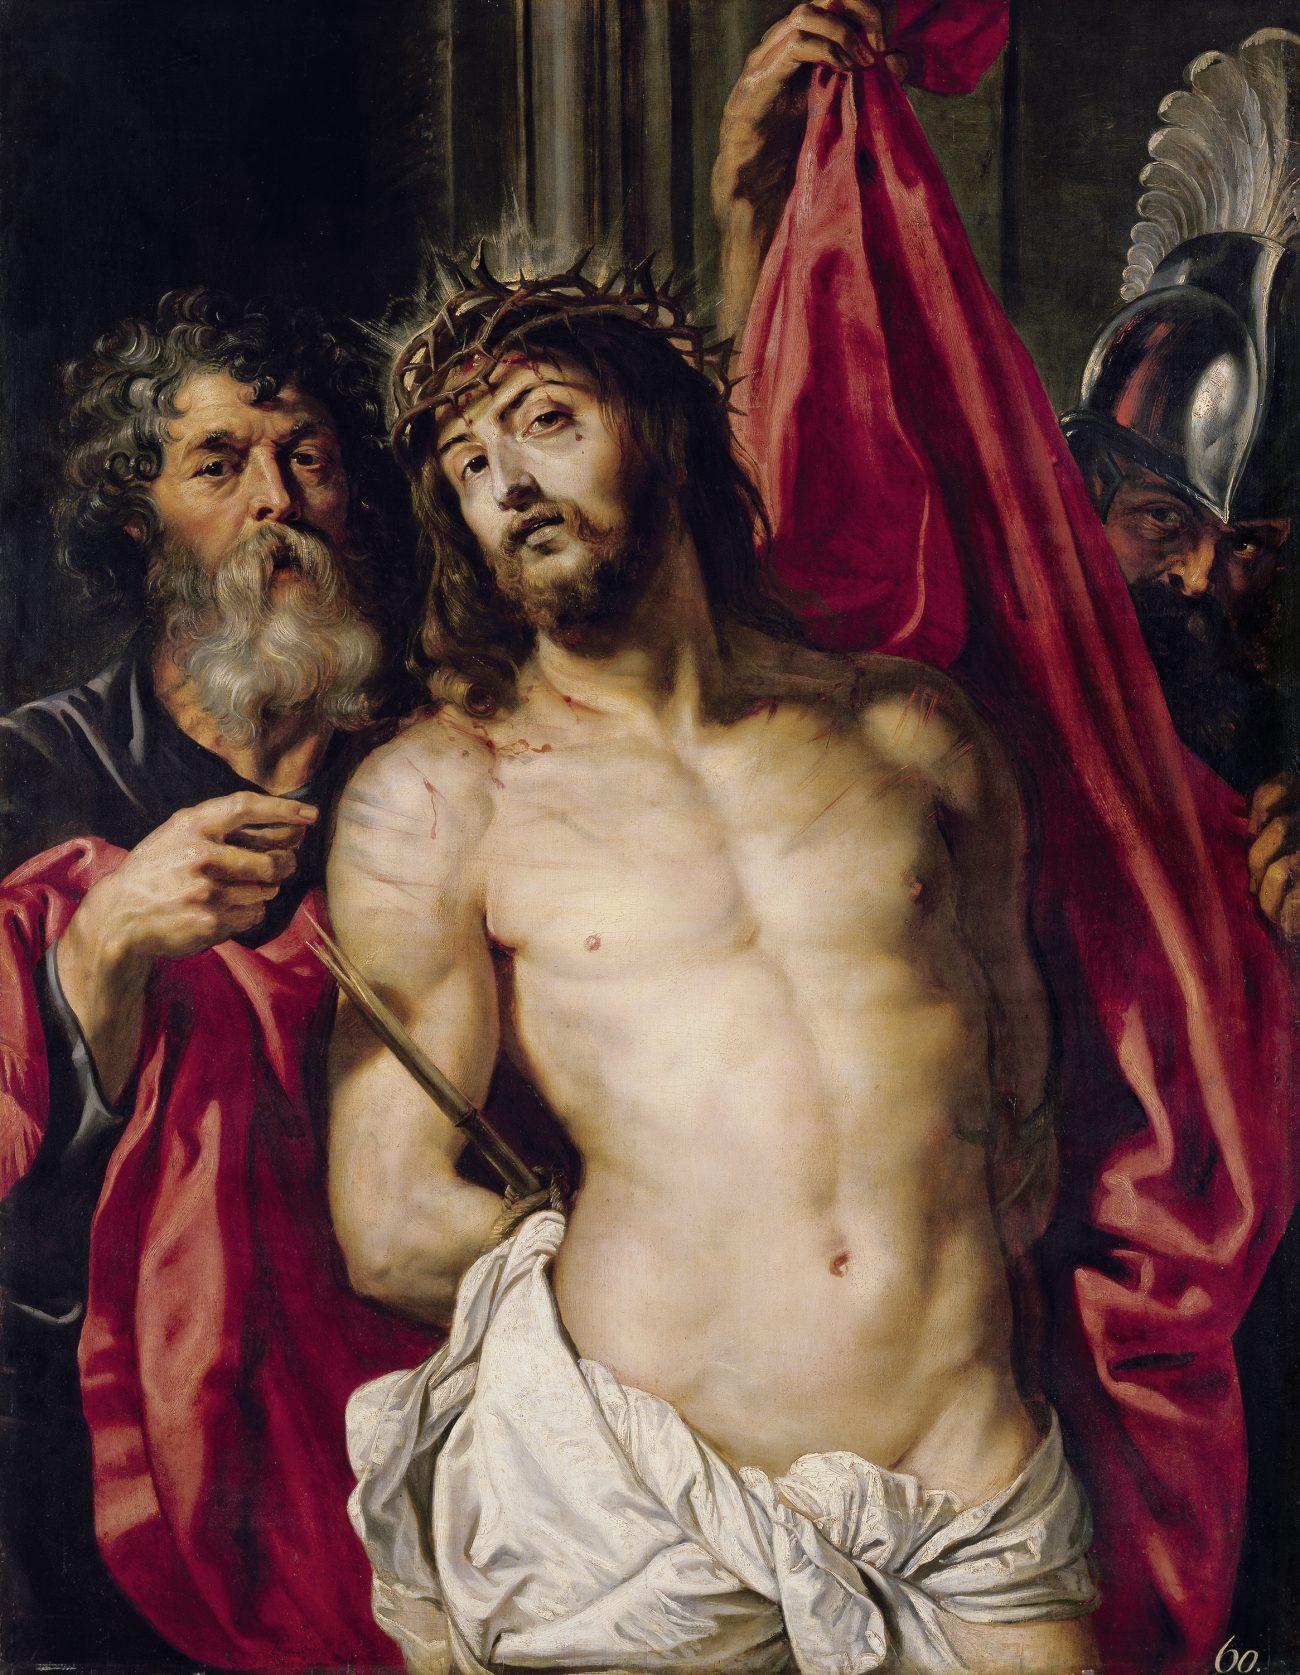 Rubens Ausstellung im Städel Museum, Peter Paul Rubens (1577-1640) Ecce homo, Art On Screen - News - [AOS] Magazine